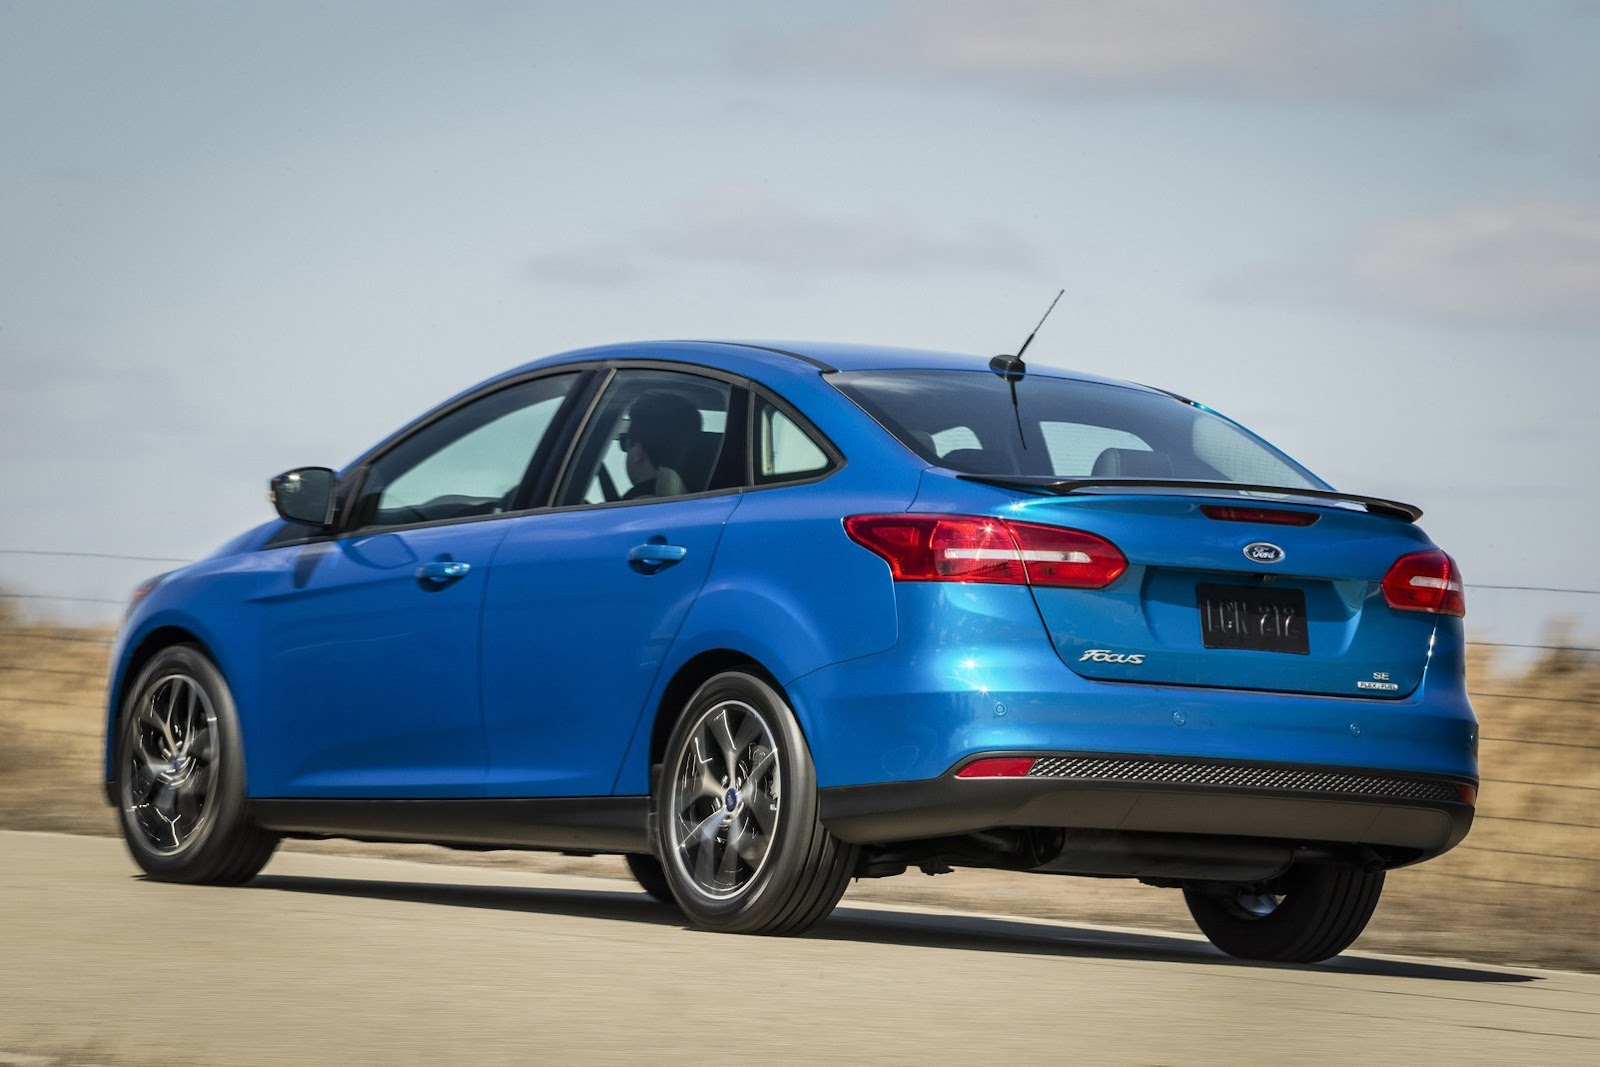 2015-Ford-Focus-FL-NA-2%25255B2%25255D.jpg